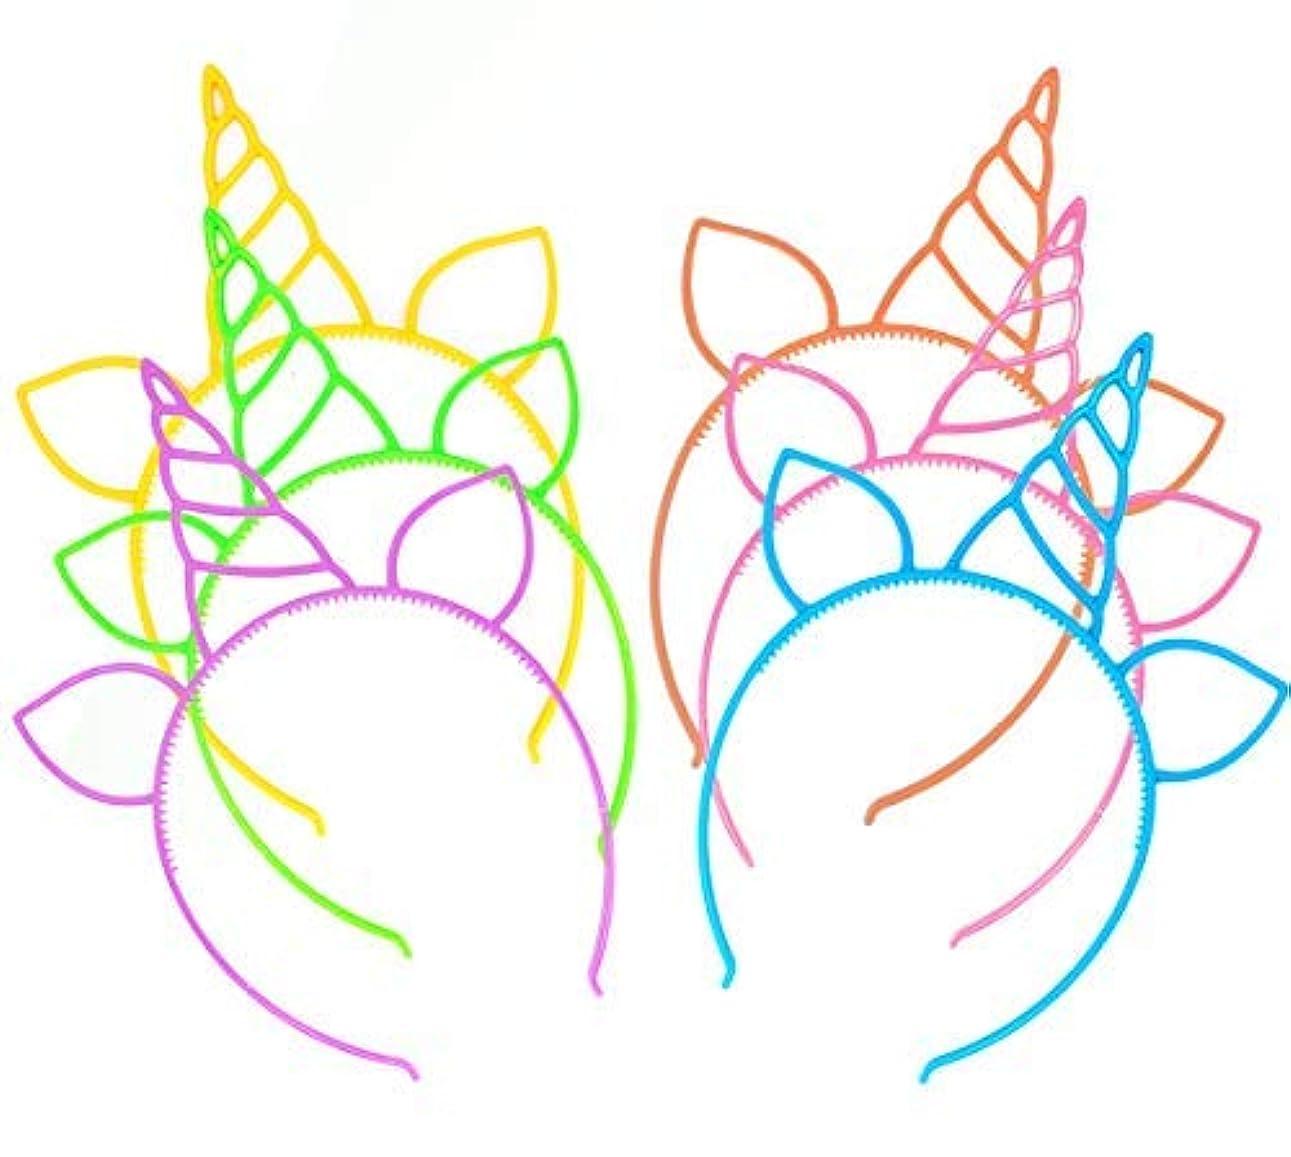 絞るバースト成人期12 Pcs Unicorn Headbands Theme Birthday Party Favor Supplies Gift Costume [並行輸入品]